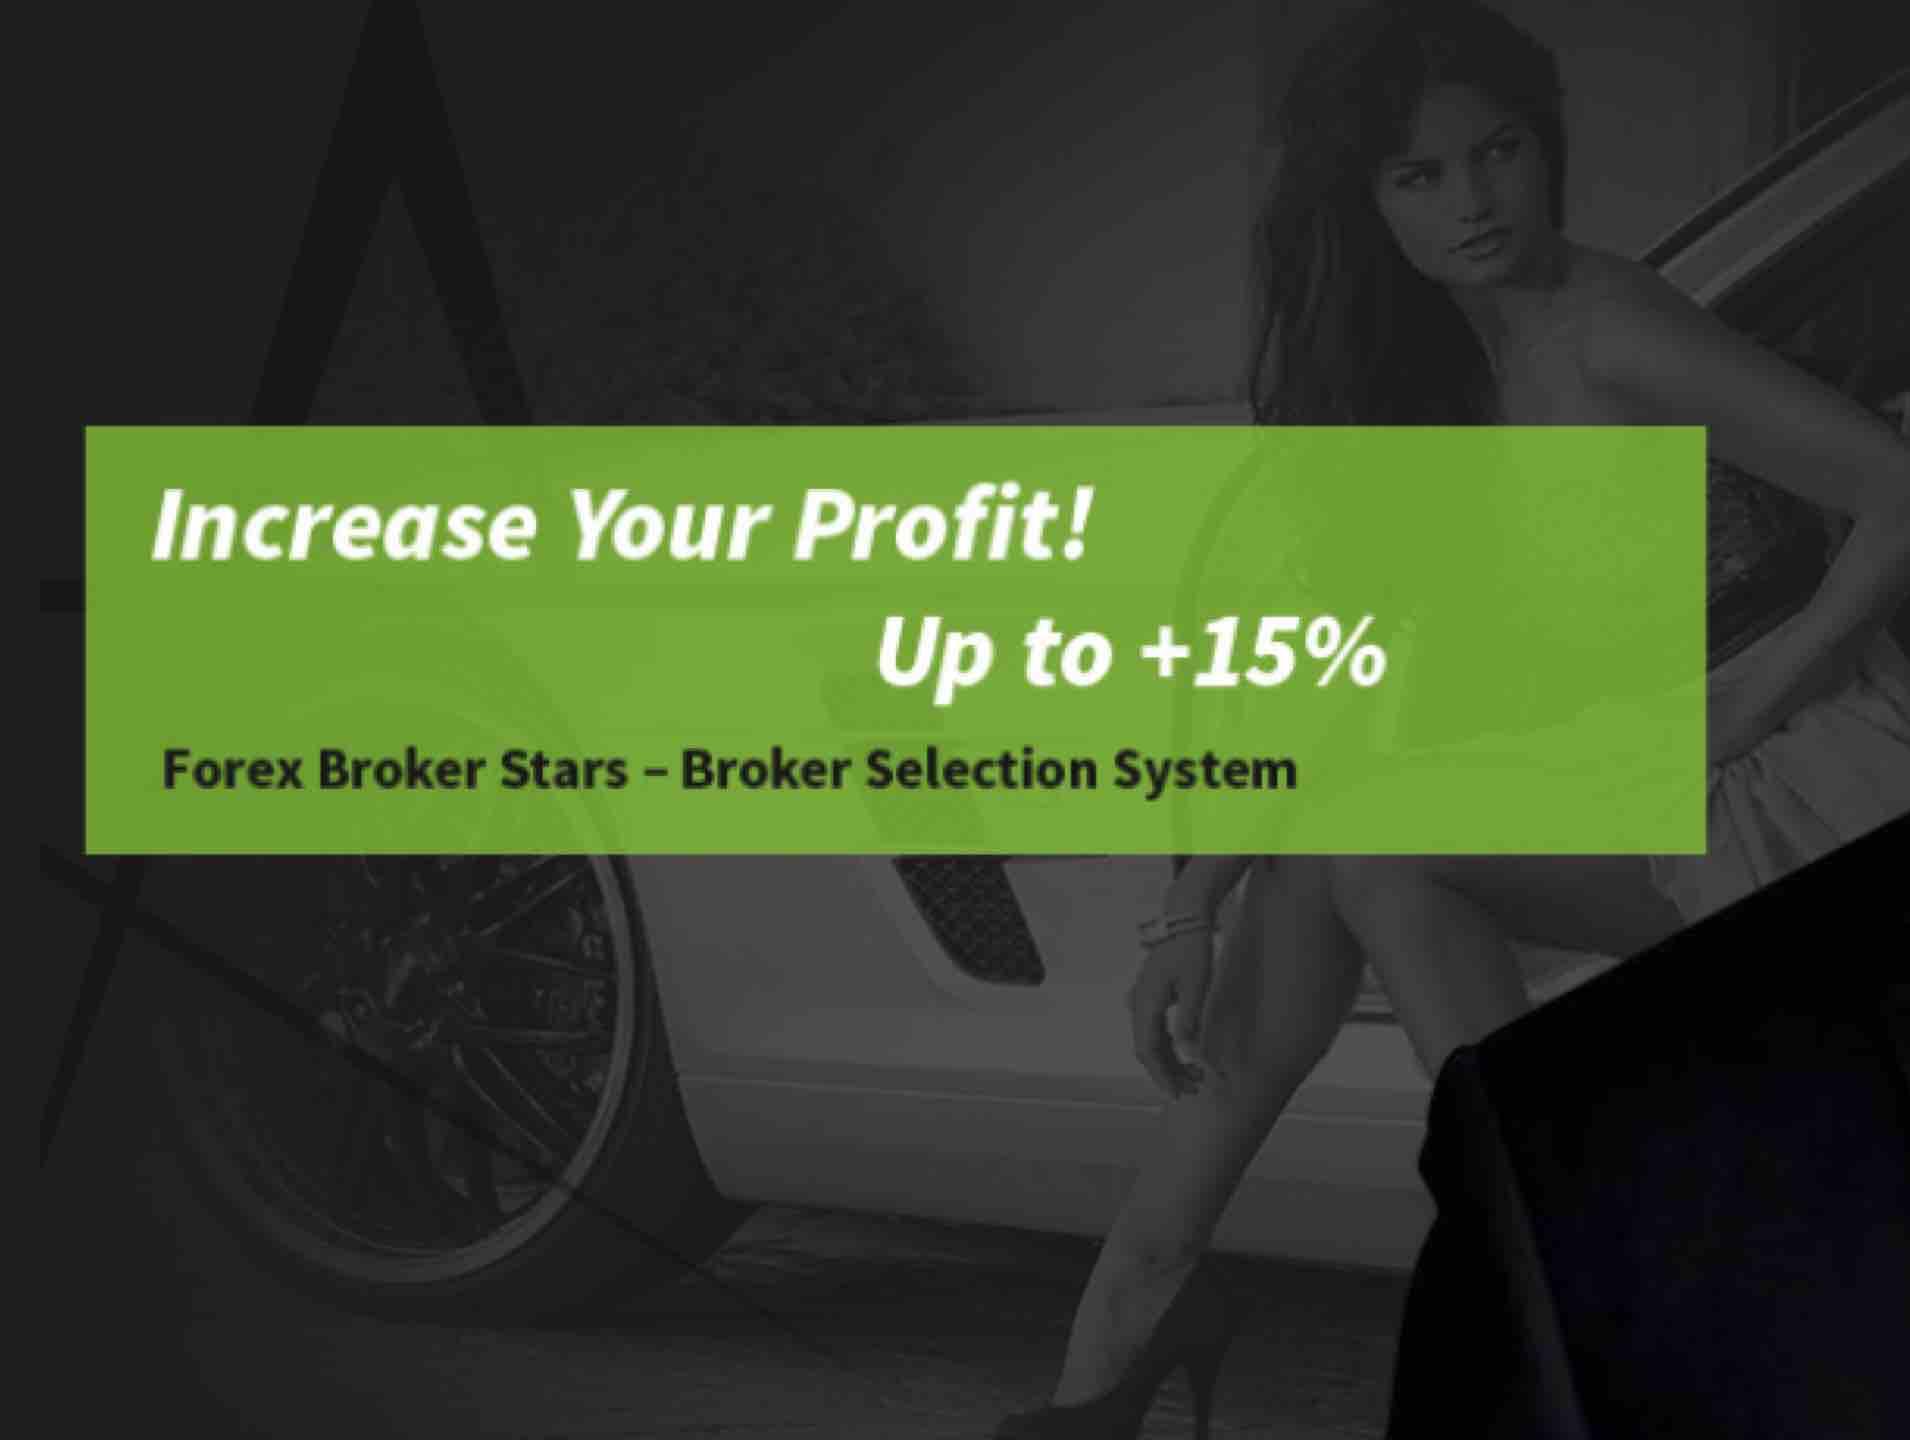 Forex-broker-stars magyar fintech piacter